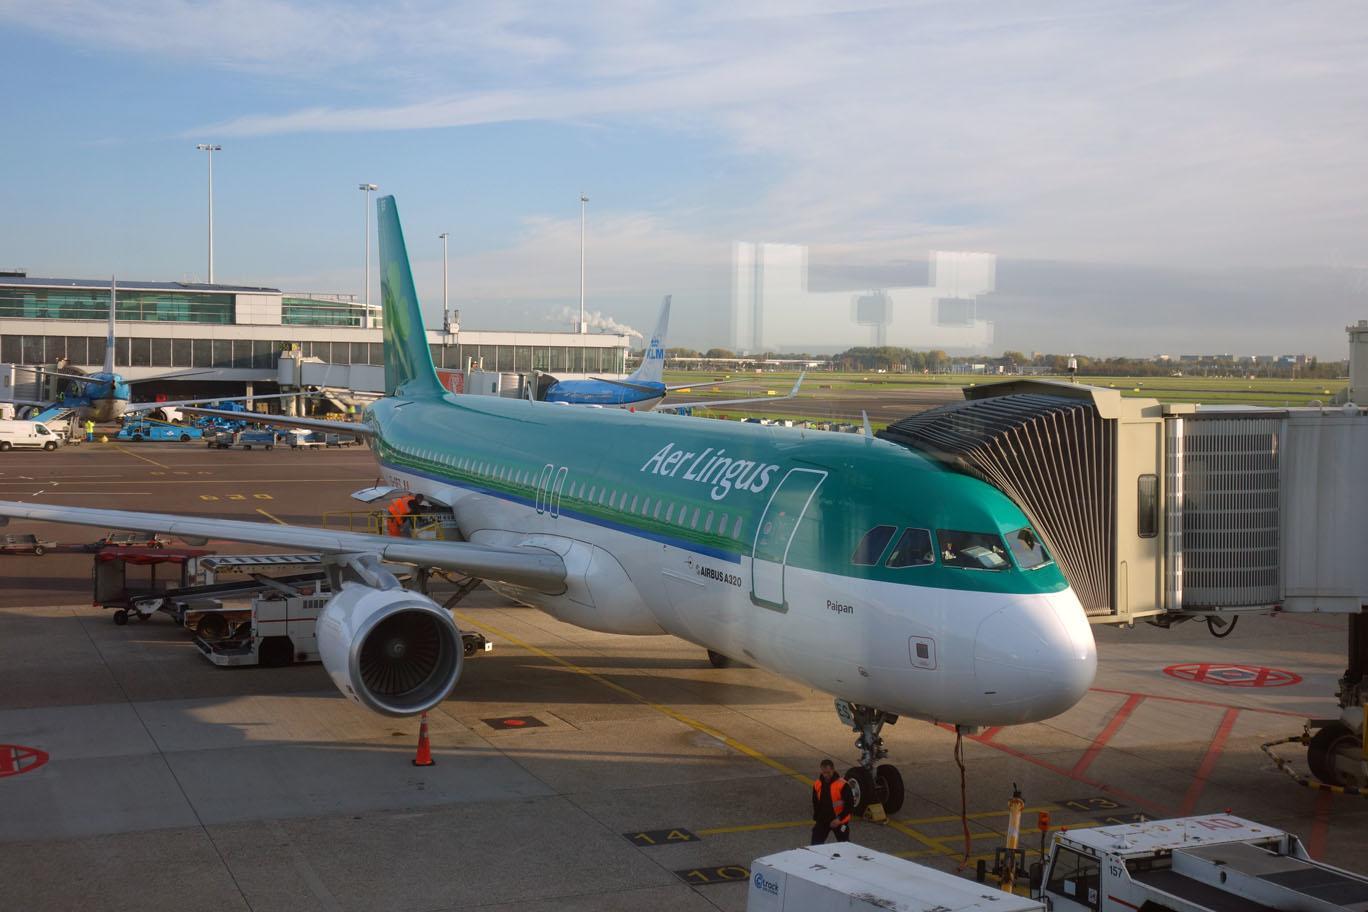 Бонусные мили Alaska Mileage Plan за полёты с Aer Lingus